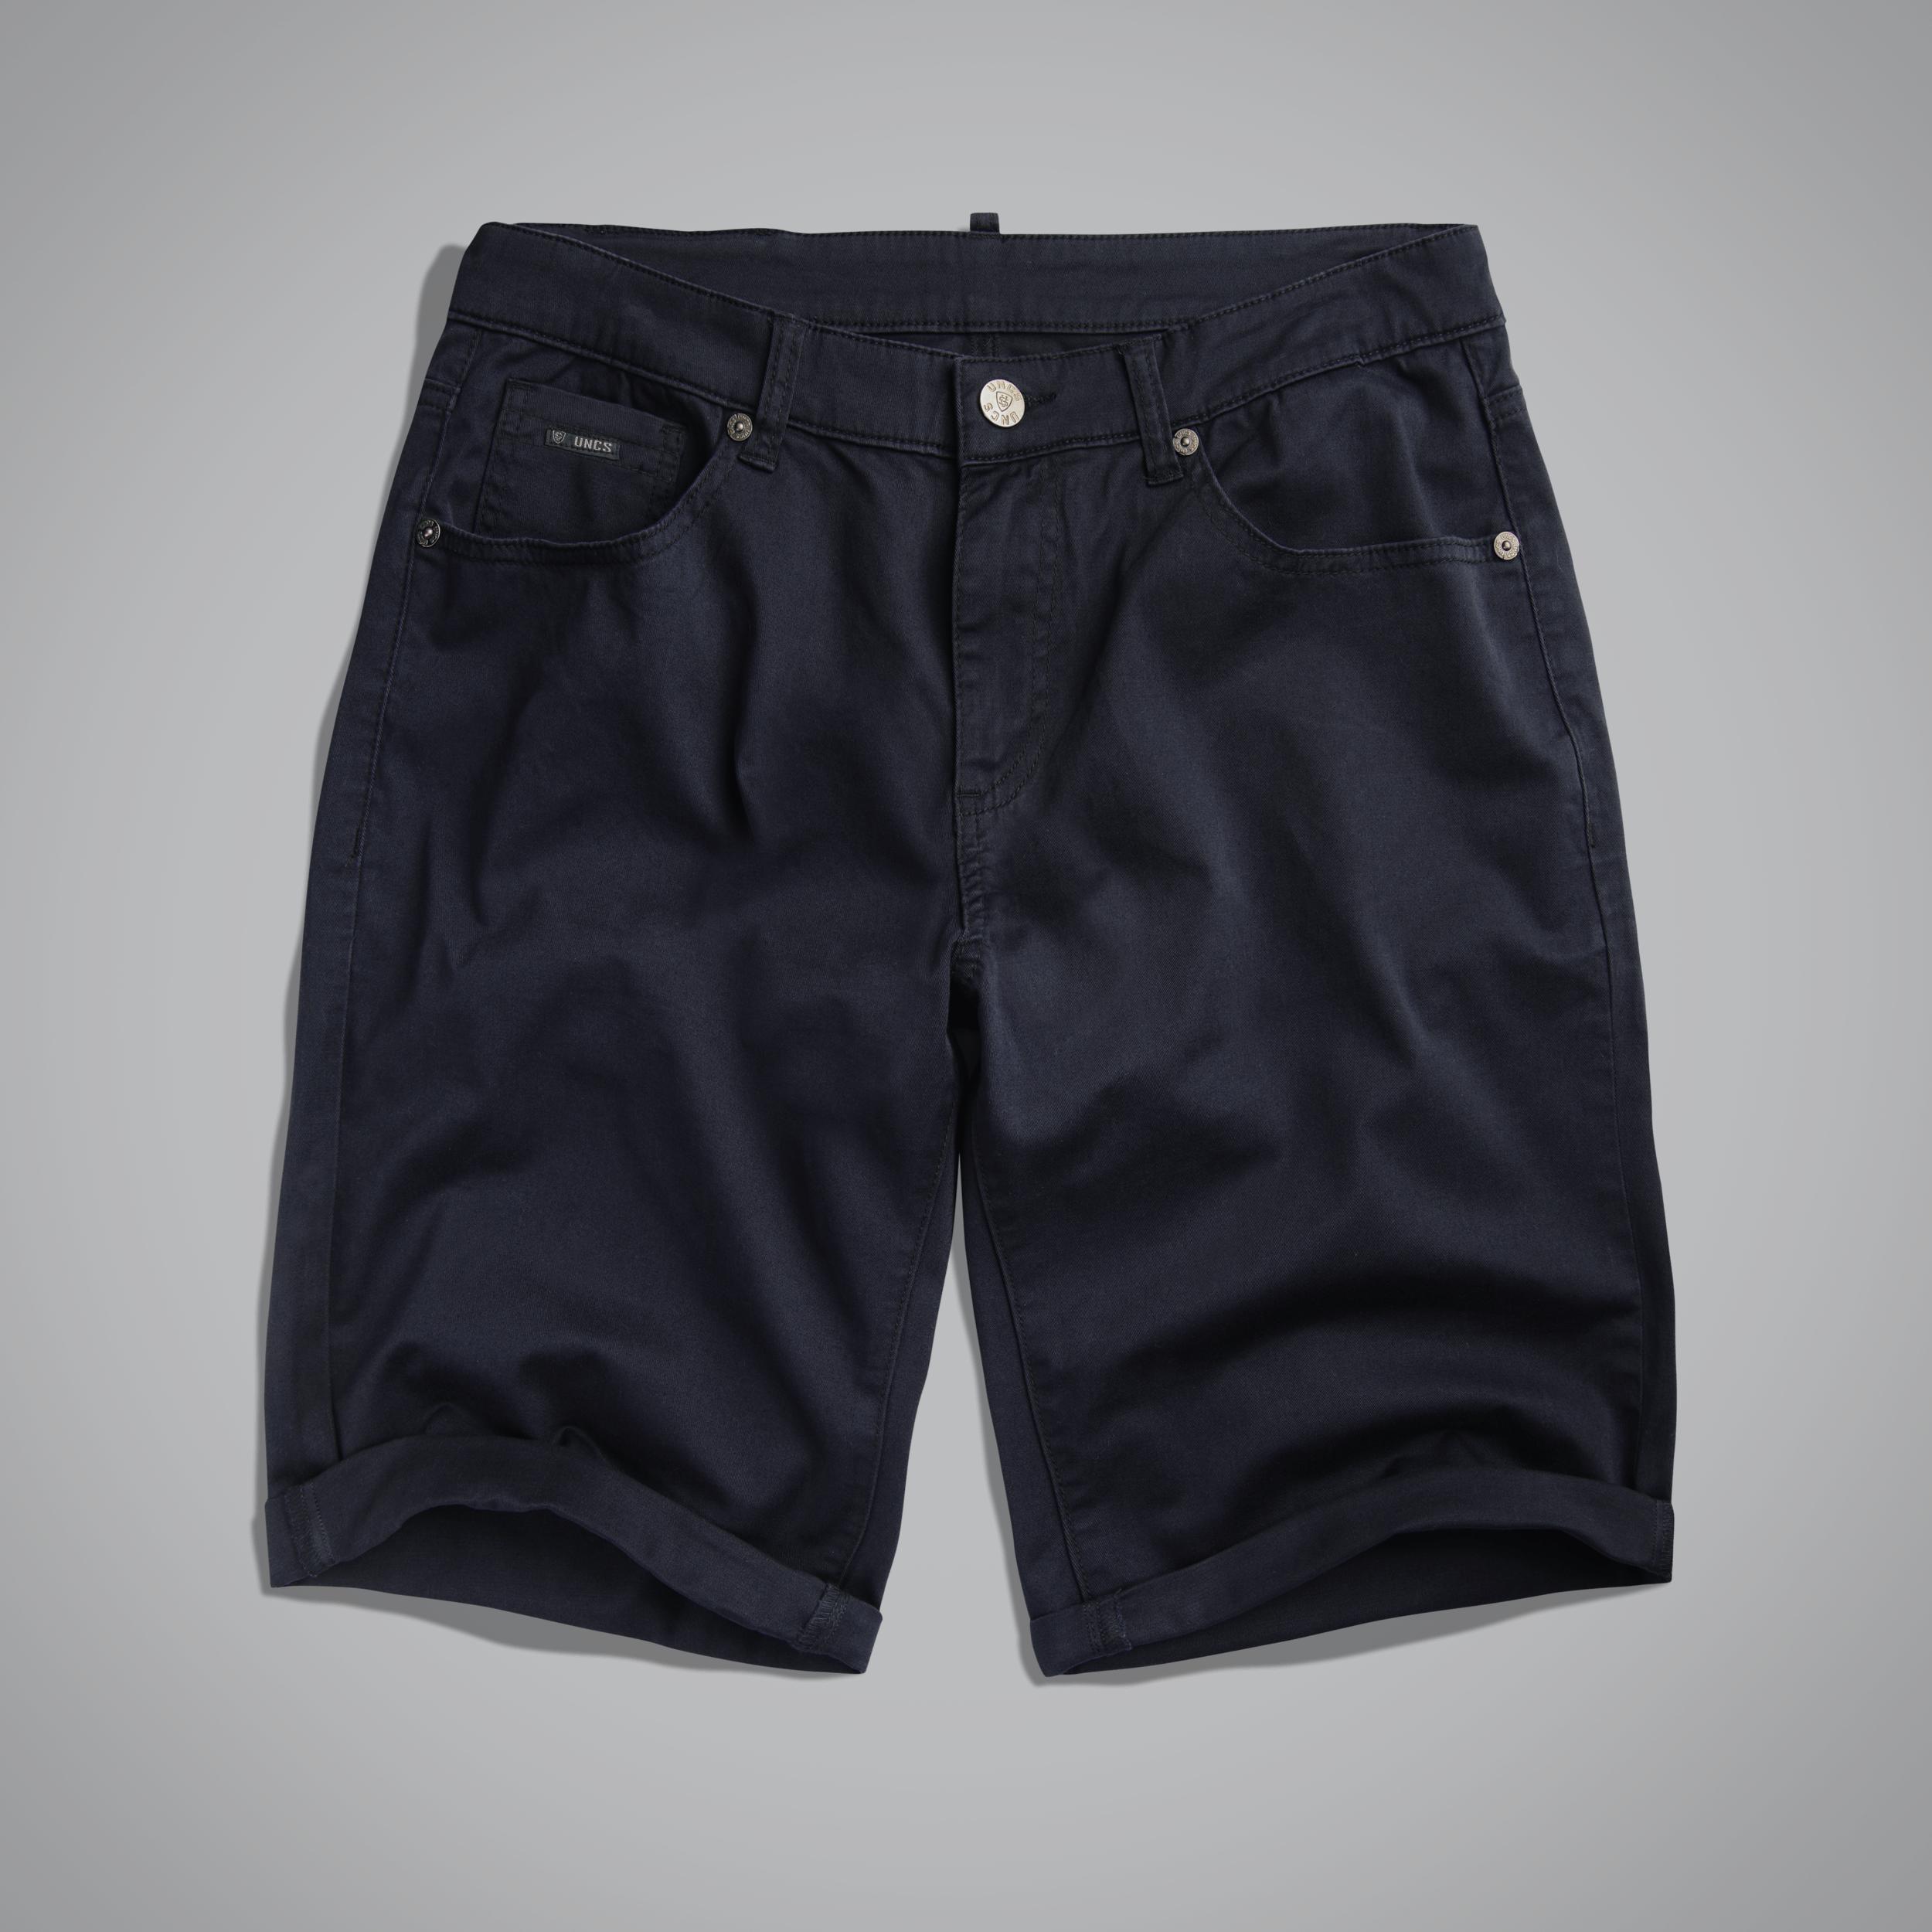 Pánské šortky Kenneth - Outlet - doprodej pánského oblečení e095f5bf80